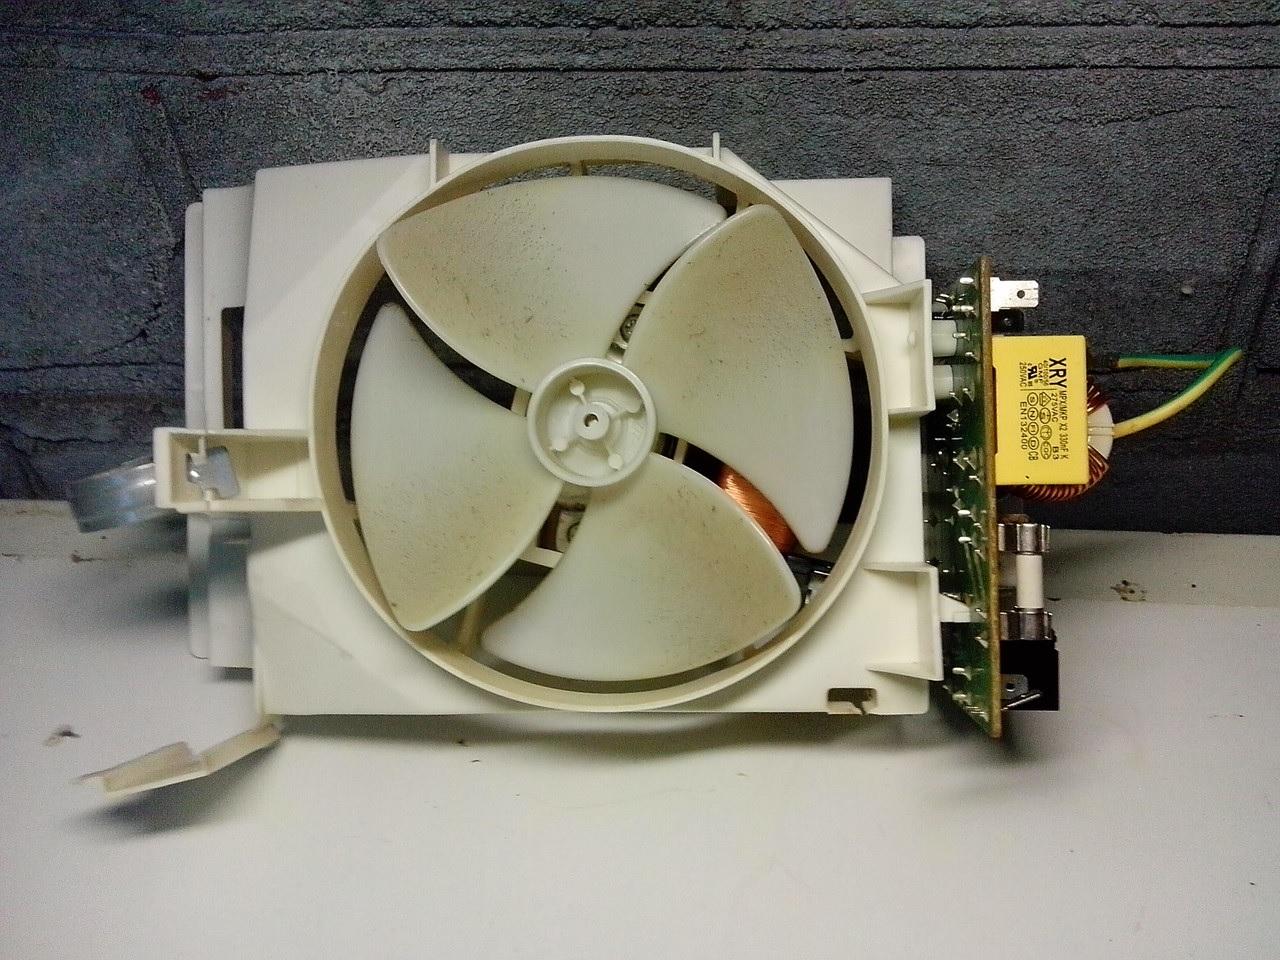 Вентилятор обеспечивает эффективное охлаждение проводников, которые установлены в микроволновой печи